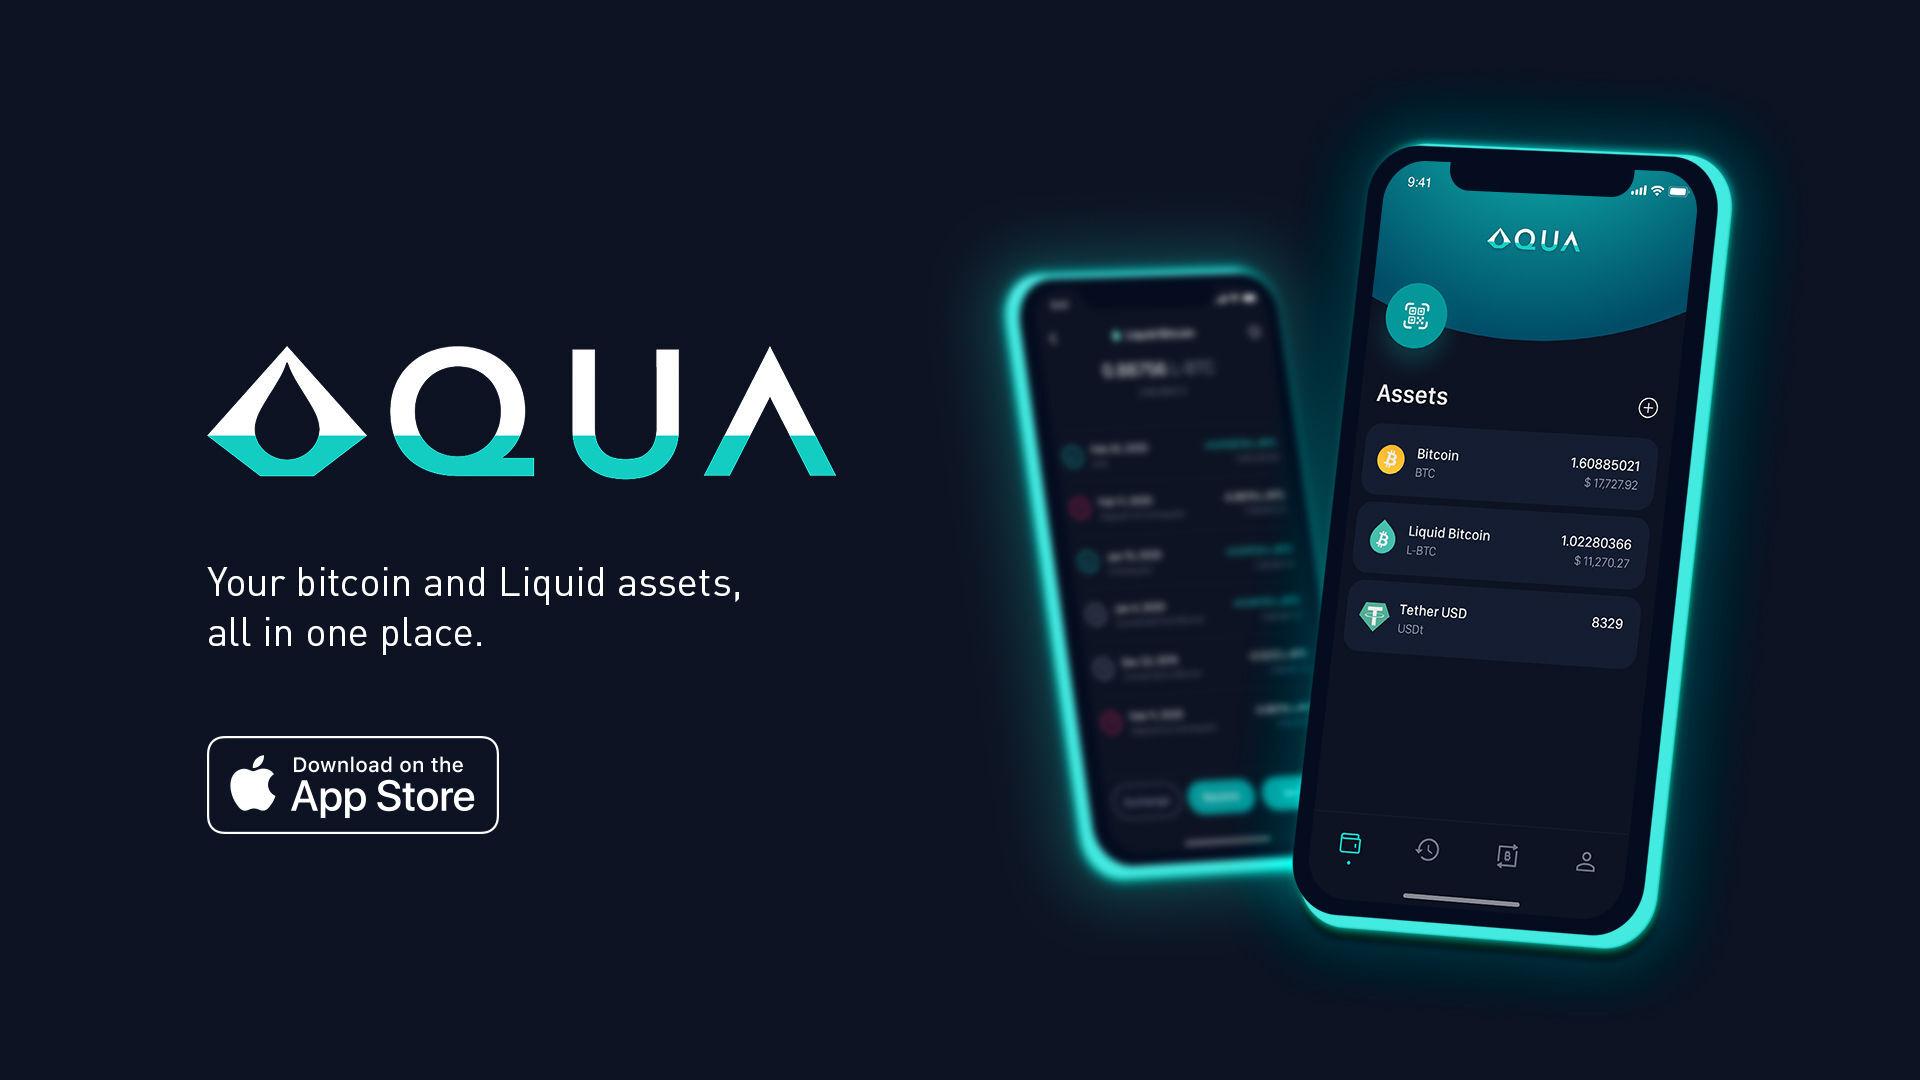 Introducing the Aqua Wallet